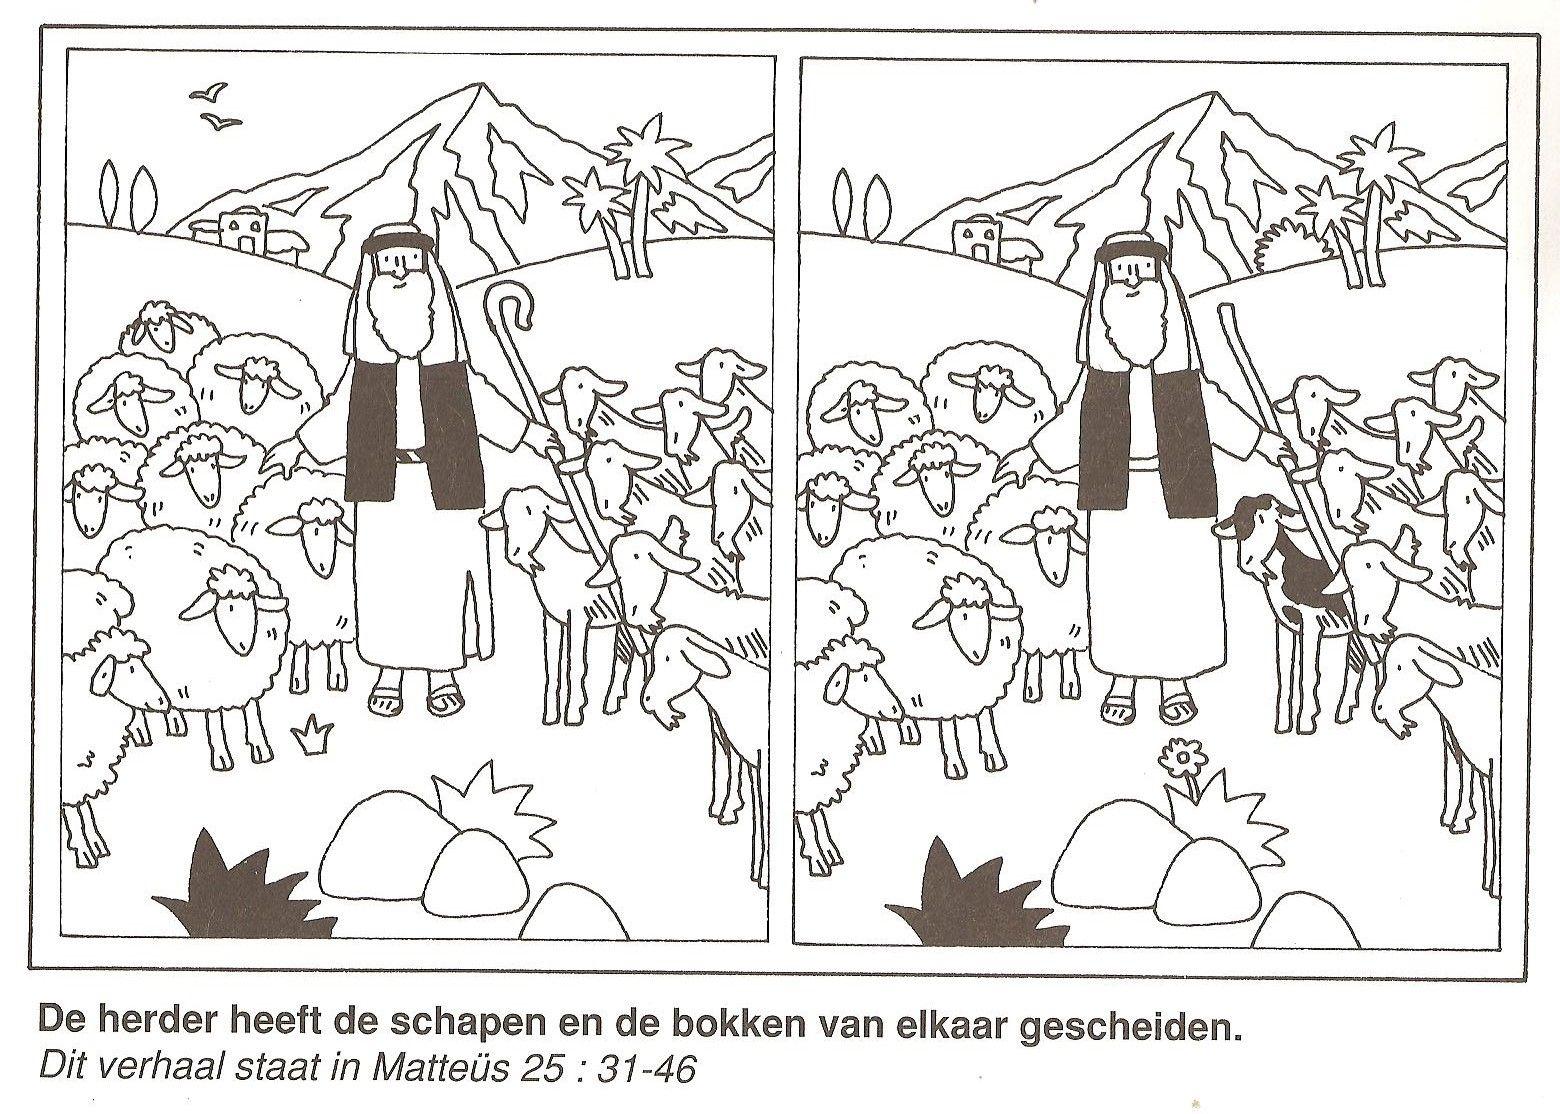 De Herder Heeft De Schapen En De Bokken Van Elkaar